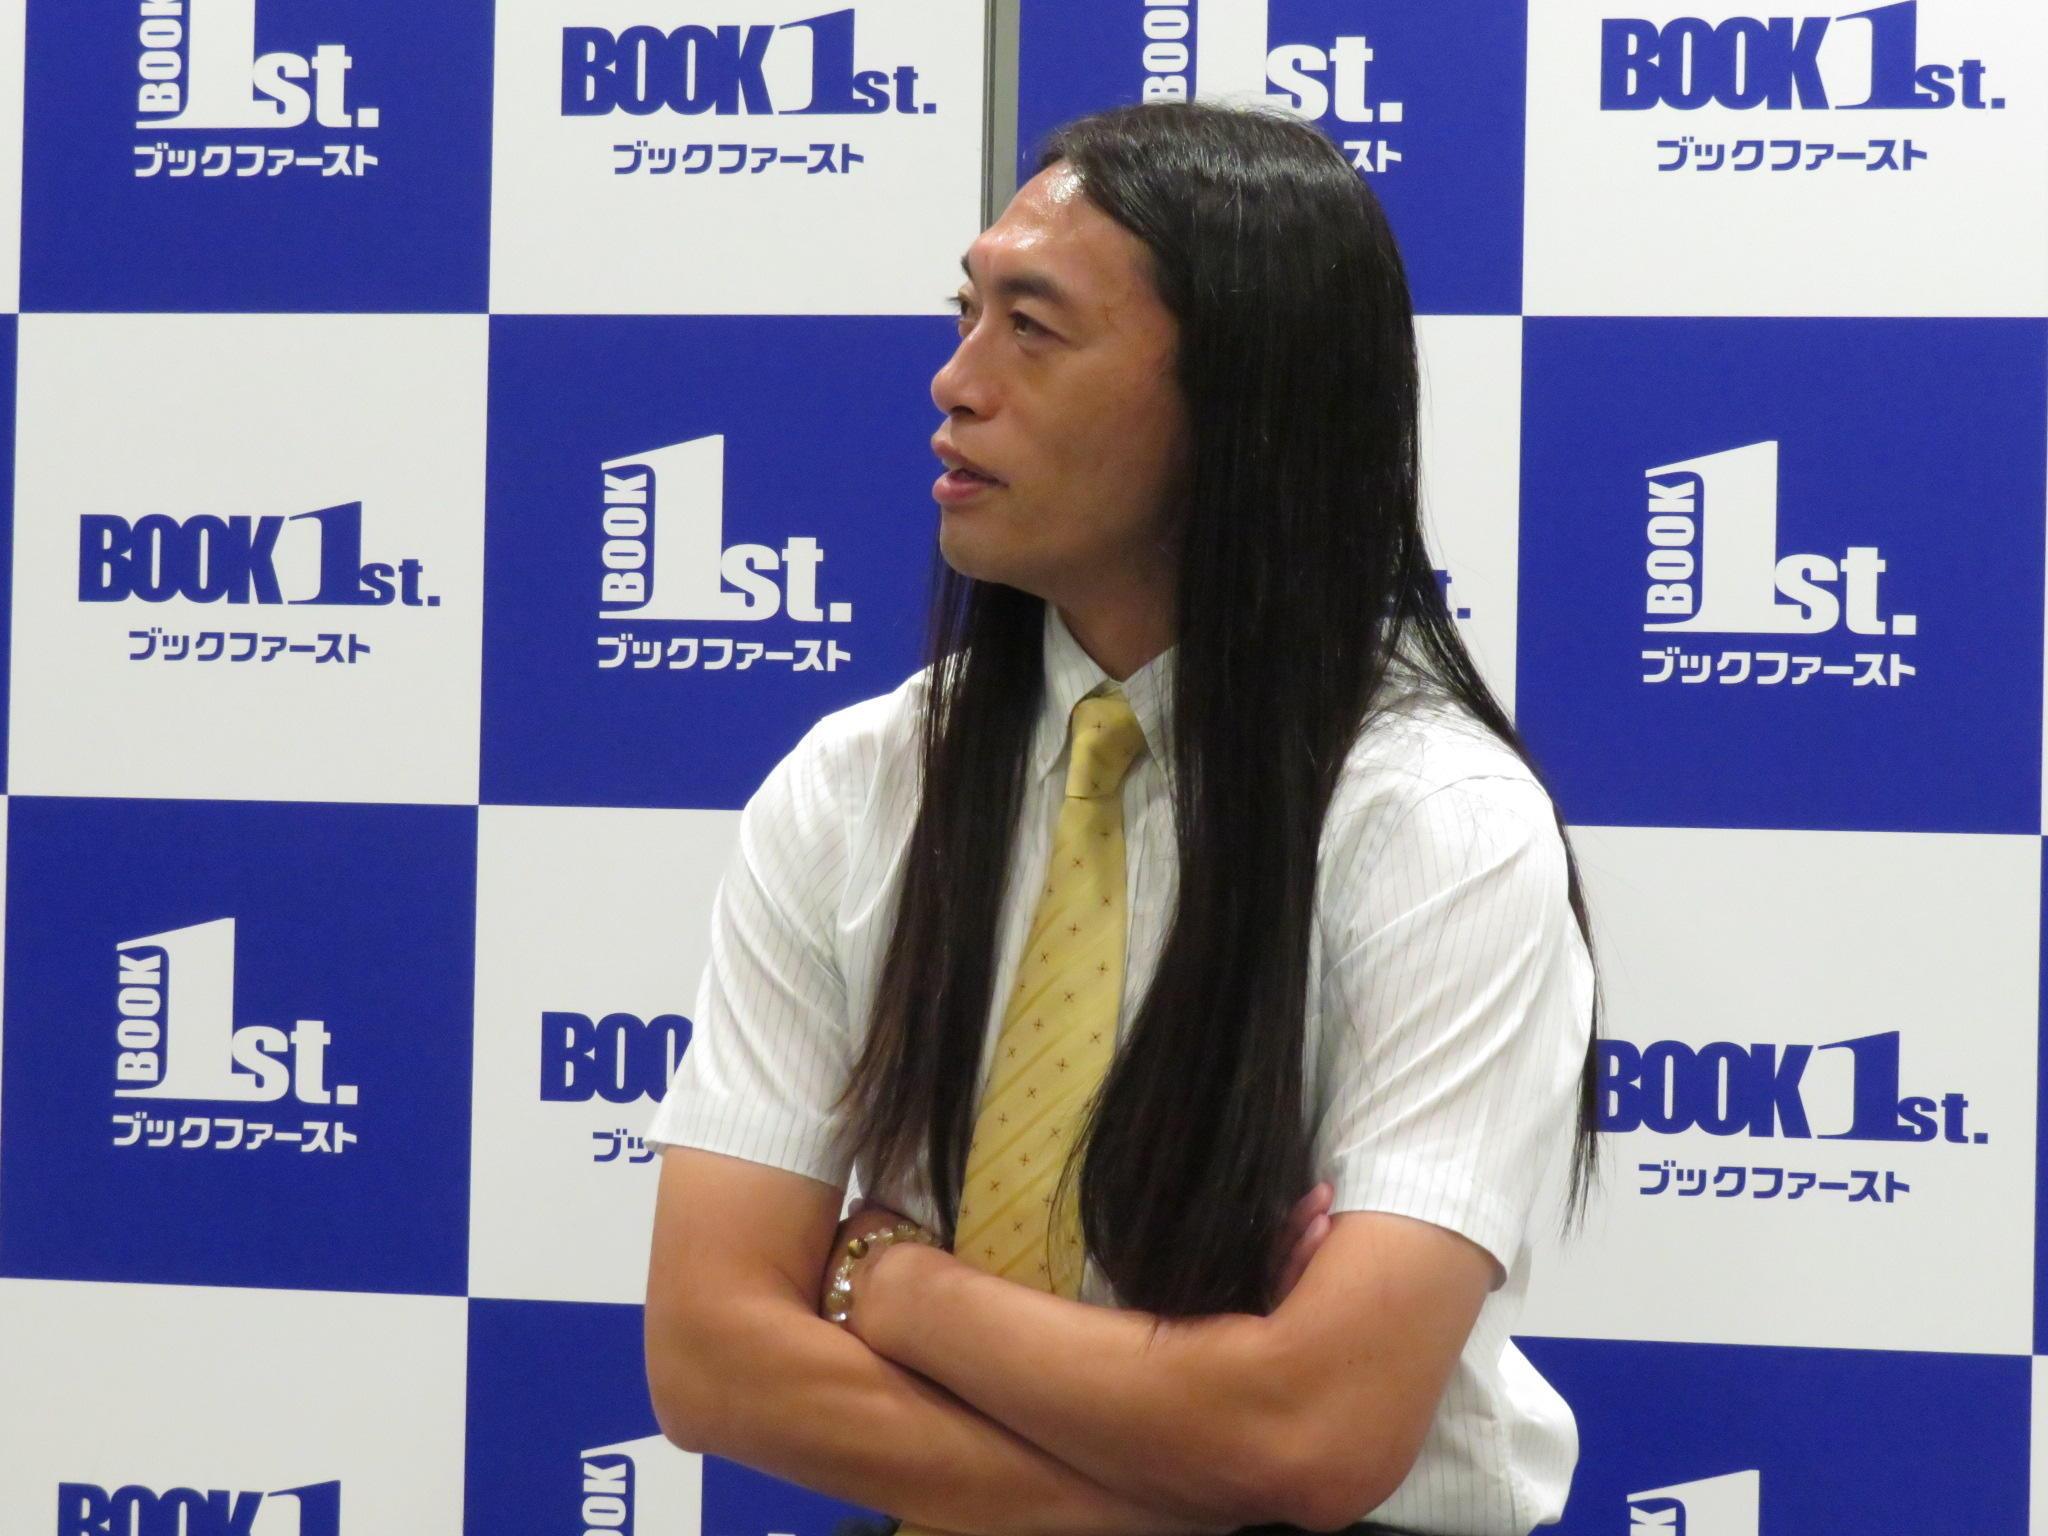 http://news.yoshimoto.co.jp/20180913224751-e2c5fdeb0b3f39fe791f3dd03801a6097e215d7a.jpg